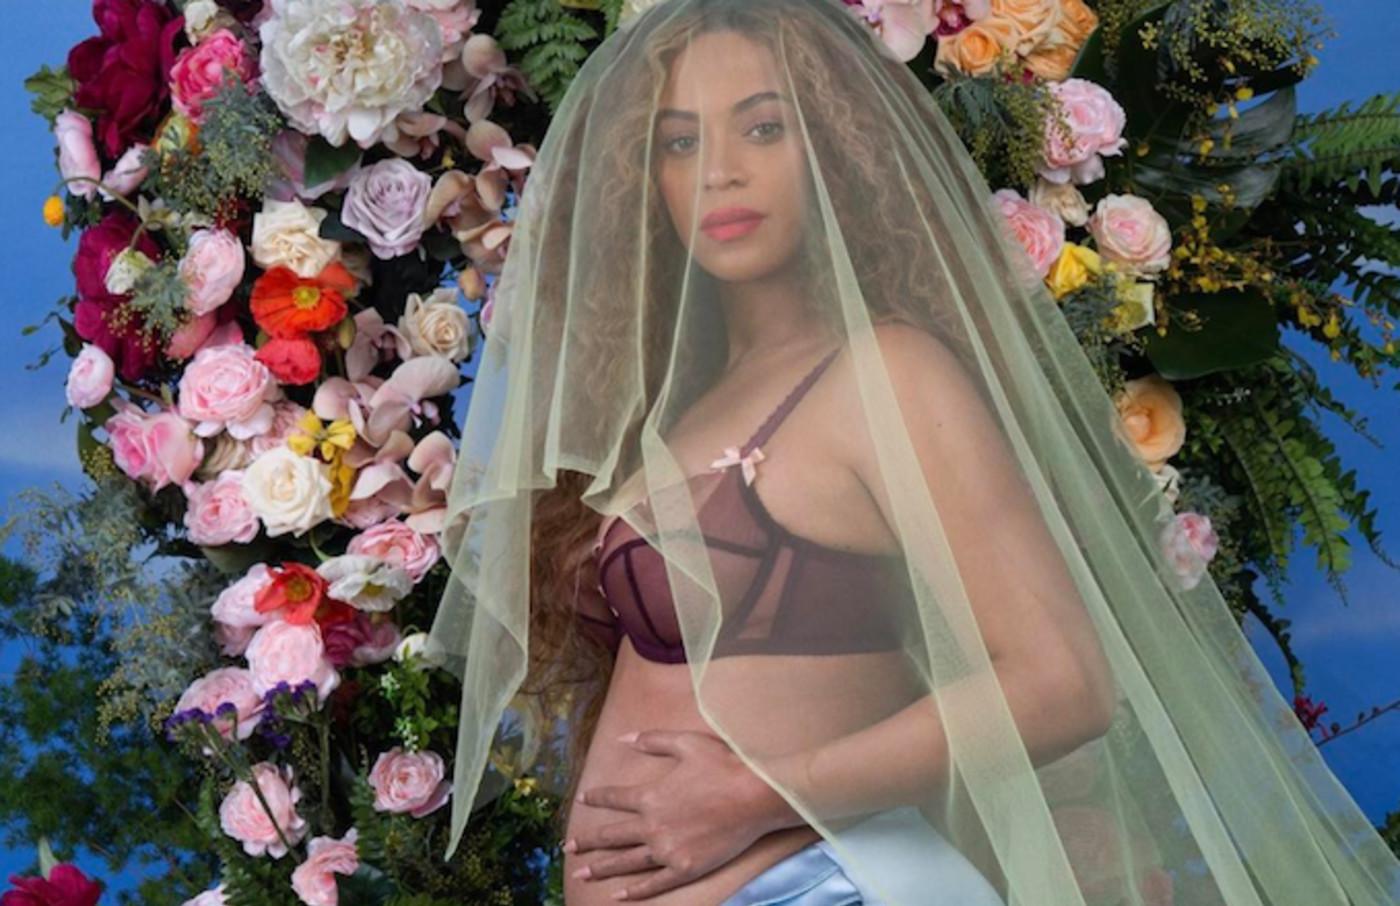 Beyoncé announces twins on Instagram